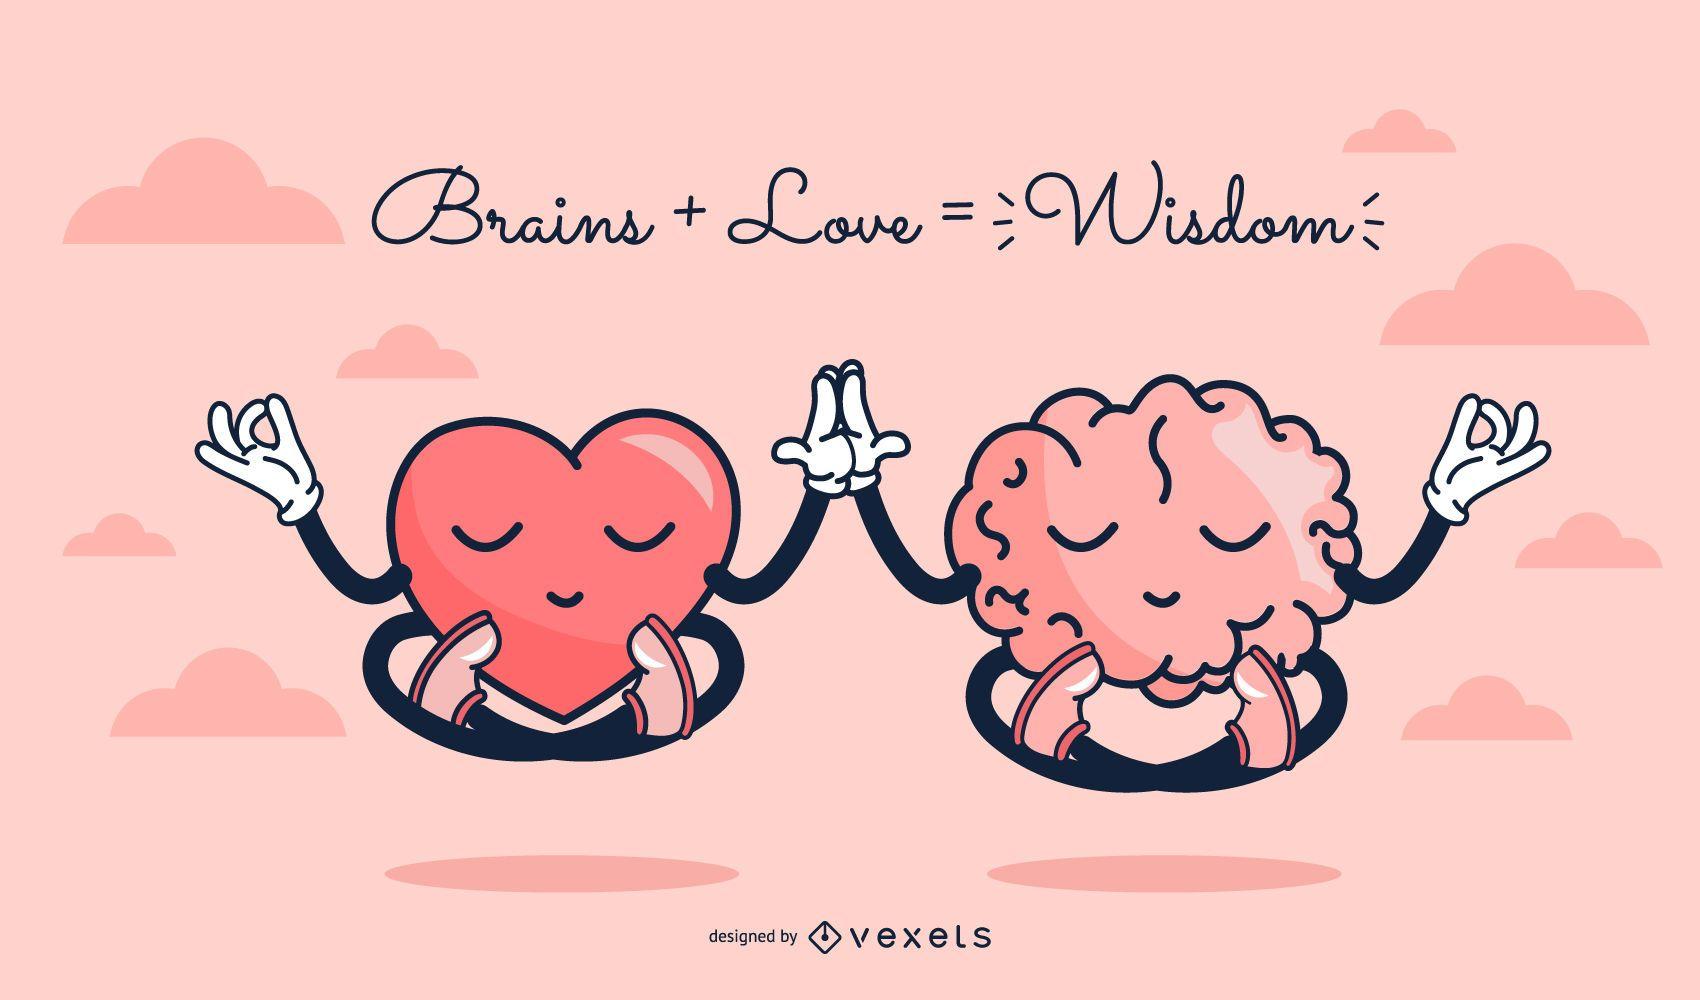 Ilustração de desenho bonito de coração e cérebro